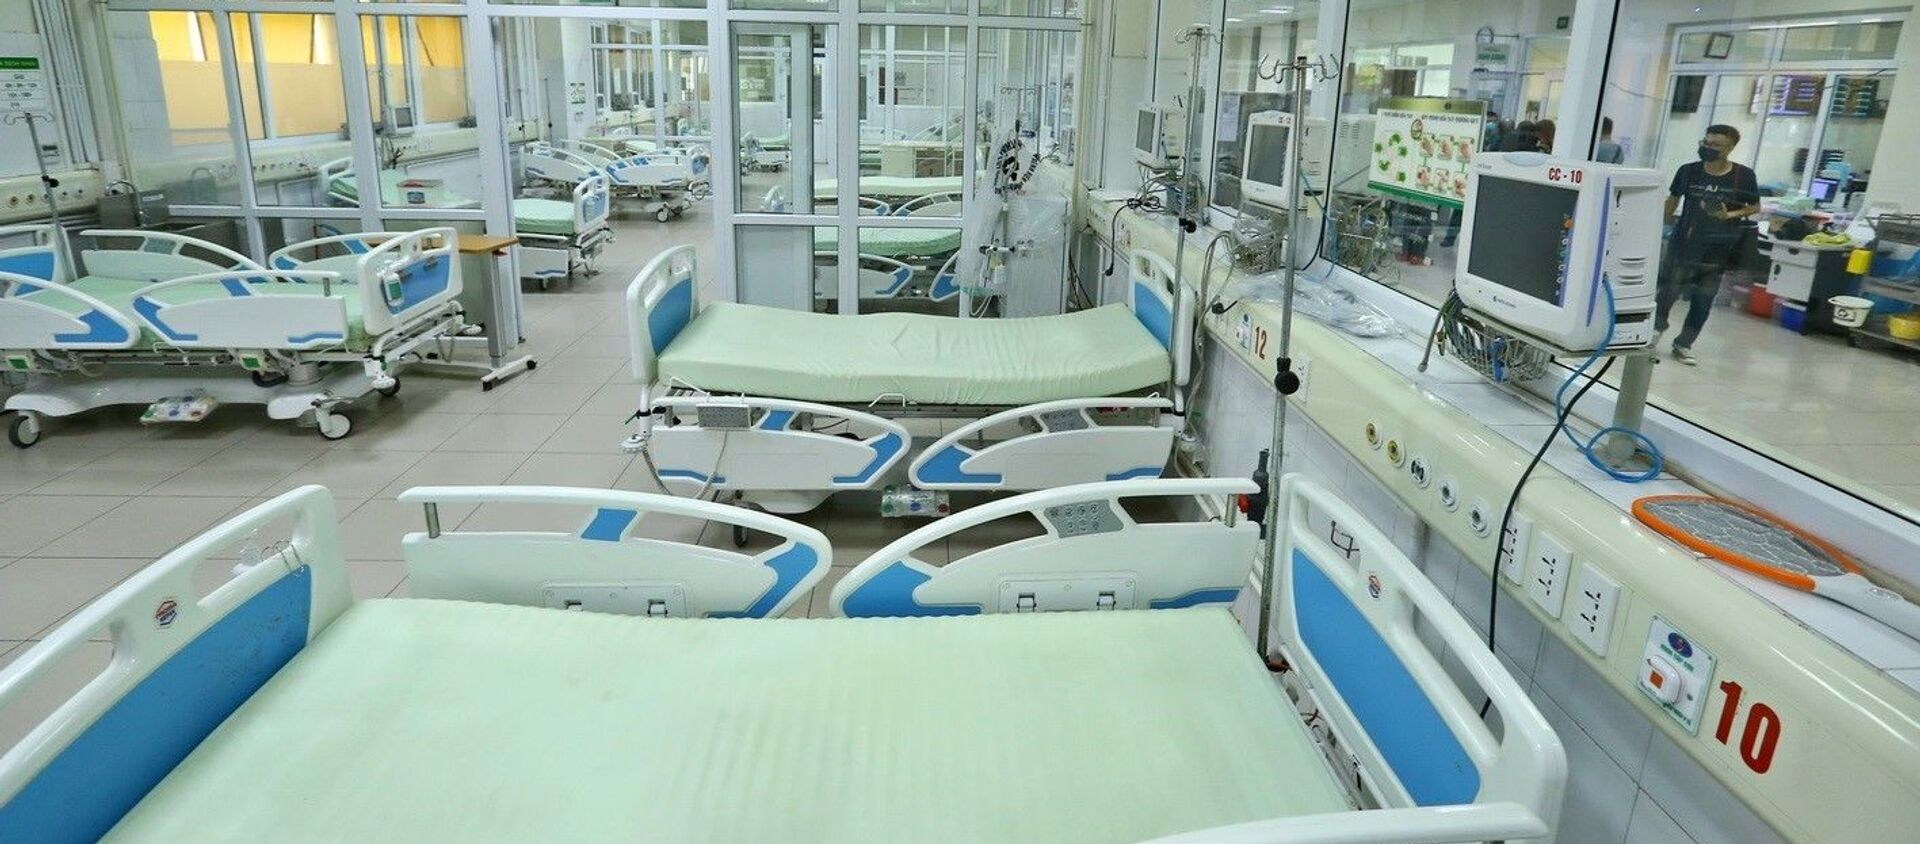 Tại cơ sở Kim Chung, bố trí ngay các vòng điều trị, gồm bệnh nhân dương tính nặng, bệnh nhân dương tính có tồn thương phổi, bệnh nhân dương tính, bệnh nhân nghi nhiễm; Tổ chức 3 vòng điều trị, chăm sóc theo dõi bệnh nhân gồm phòng lõi, vòng đệm và vòng ngoài, đảm bảo hạn chế tối đa việc lây nhiễm chéo sắp xếp nhân lực phù hợp đảm bảo chủ động, có dự phòng khi số lượng bệnh nhân tăng - Sputnik Việt Nam, 1920, 06.02.2021